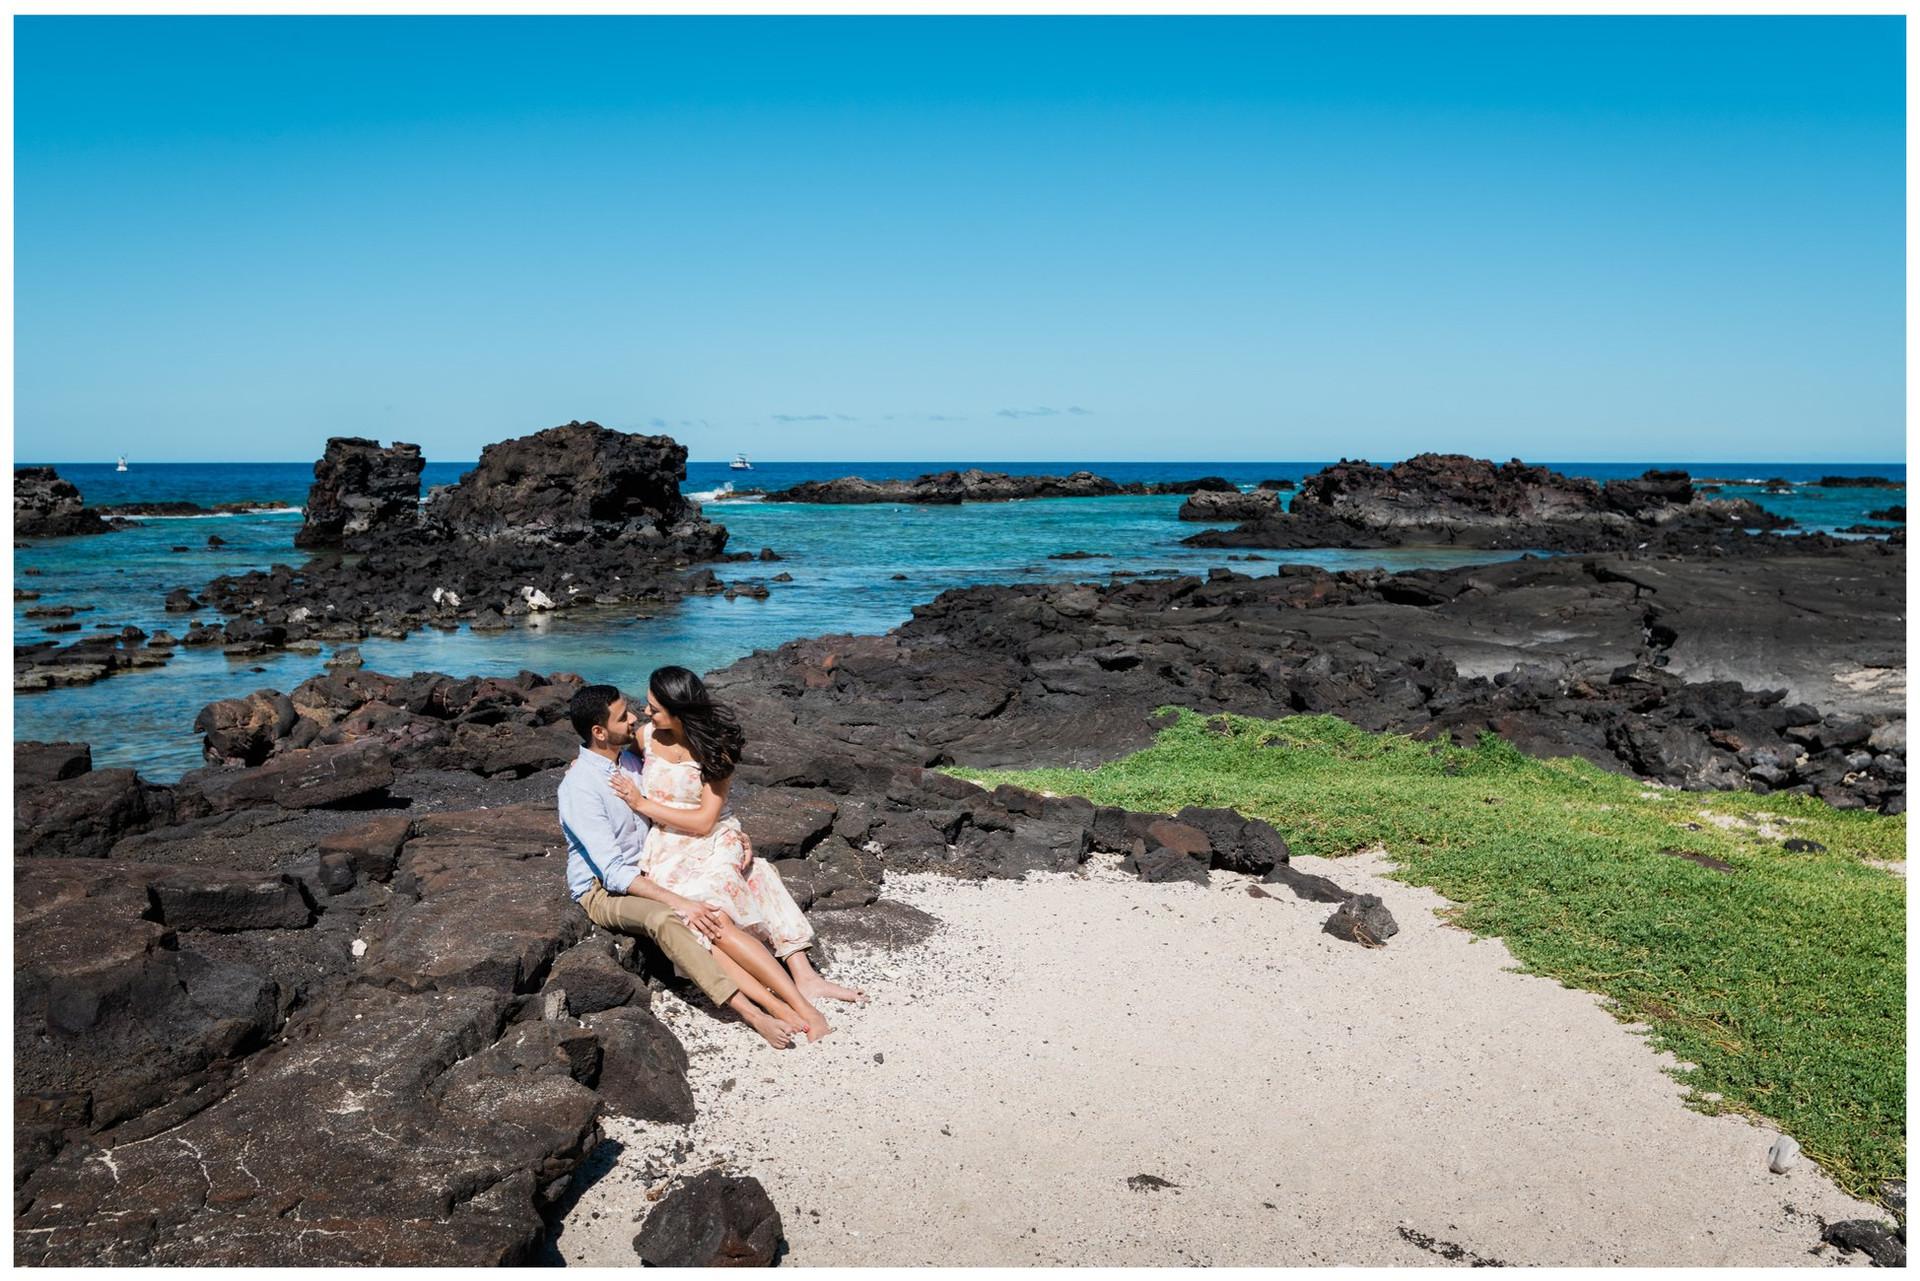 Hawaii Babymoon Photography 1.jpg